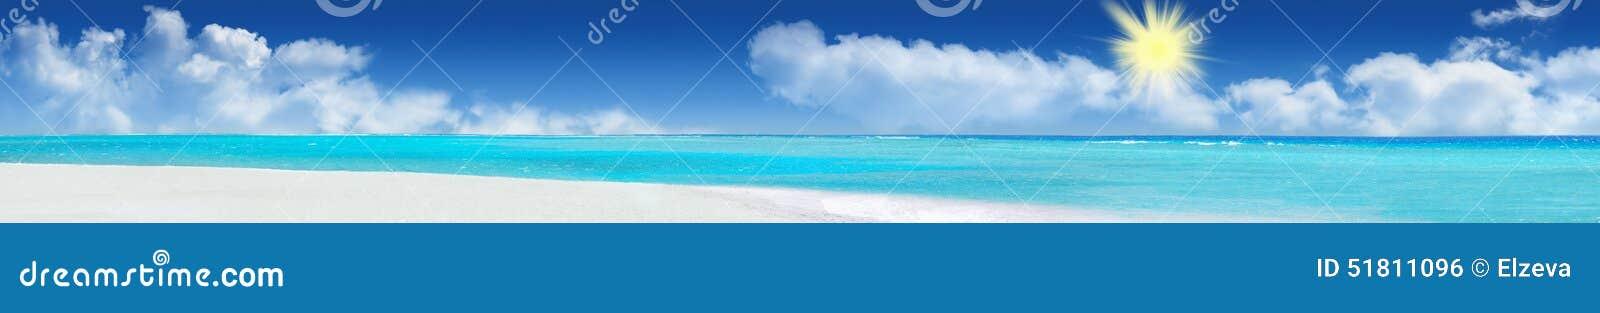 Błękitny koralowa czerwona woda morska